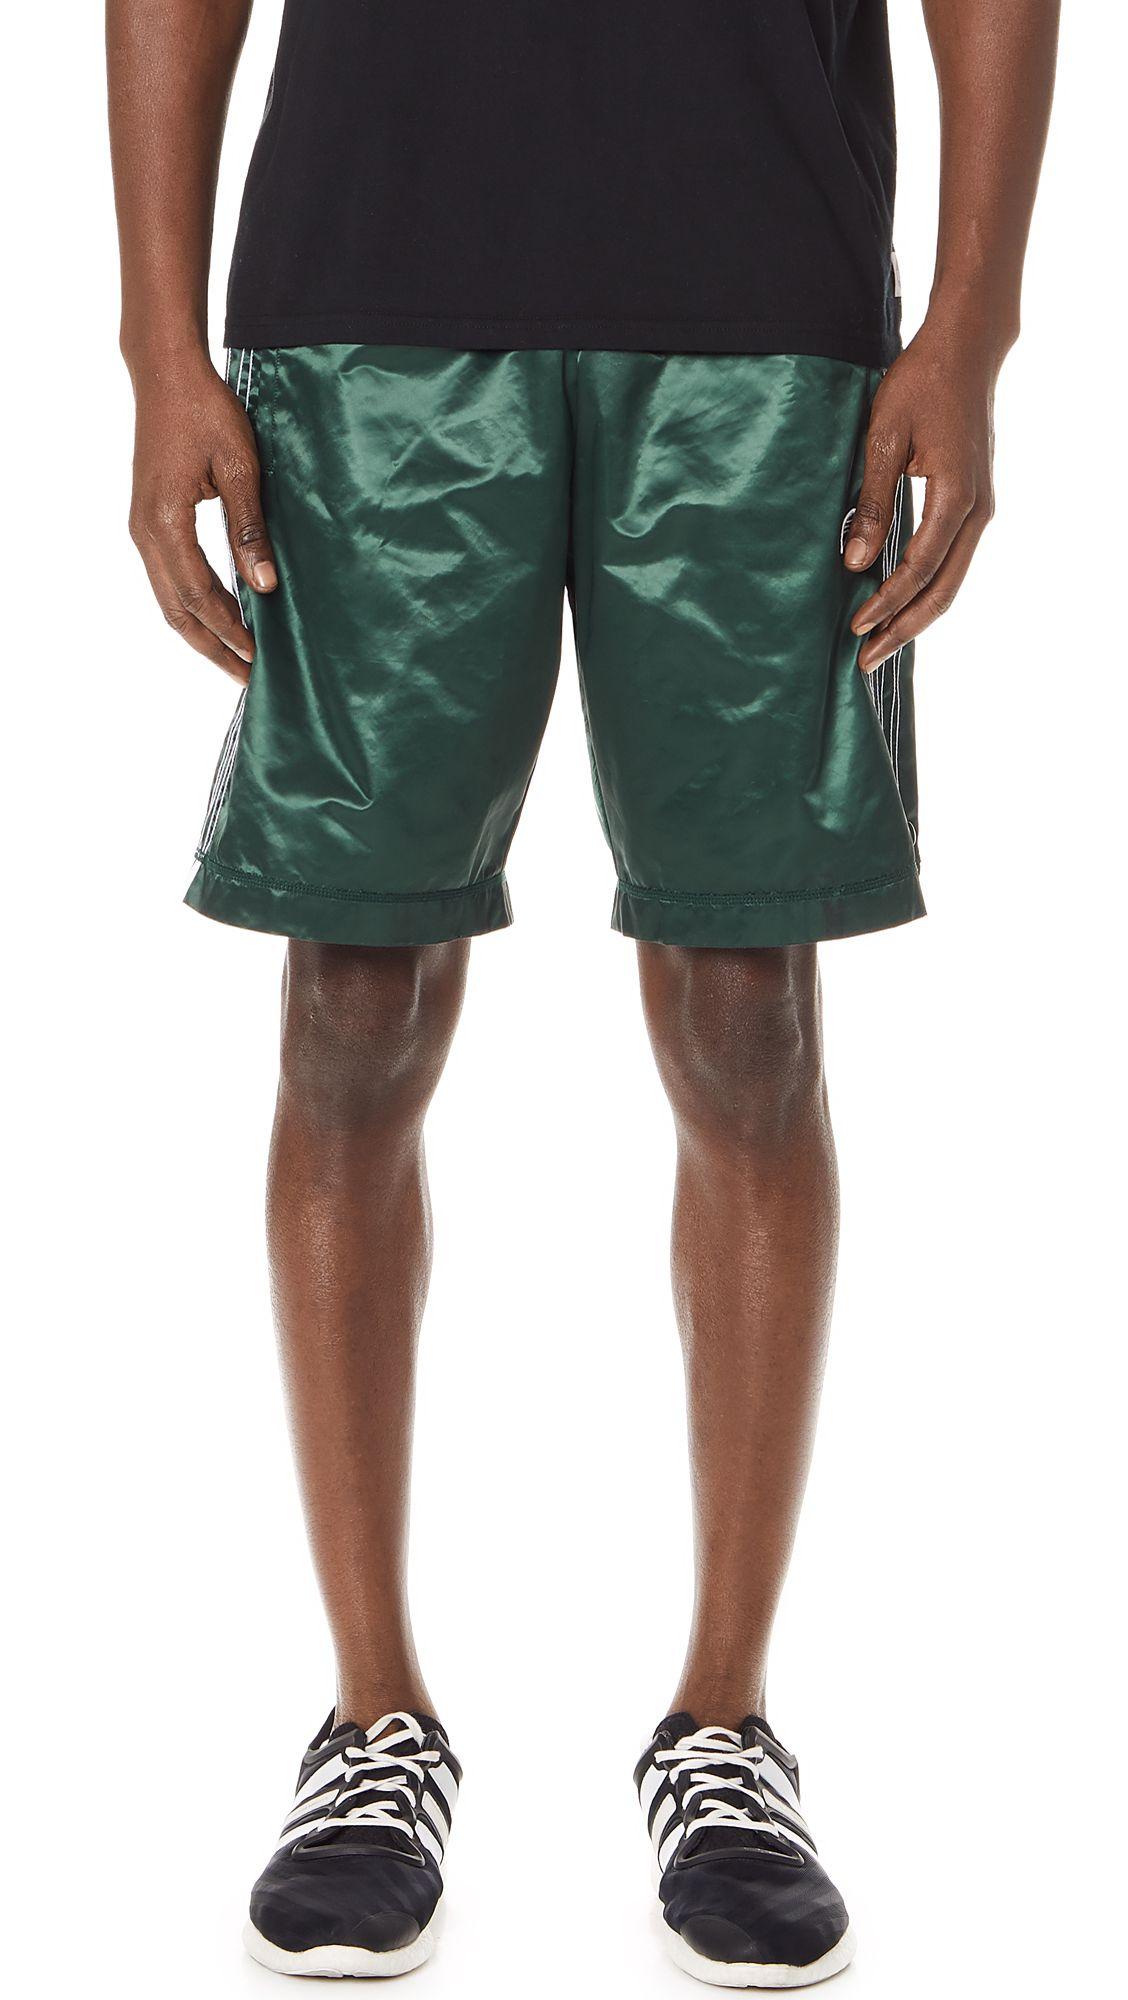 oh adibreak pantaloncini verdi pinterest alexander wang, adidas e